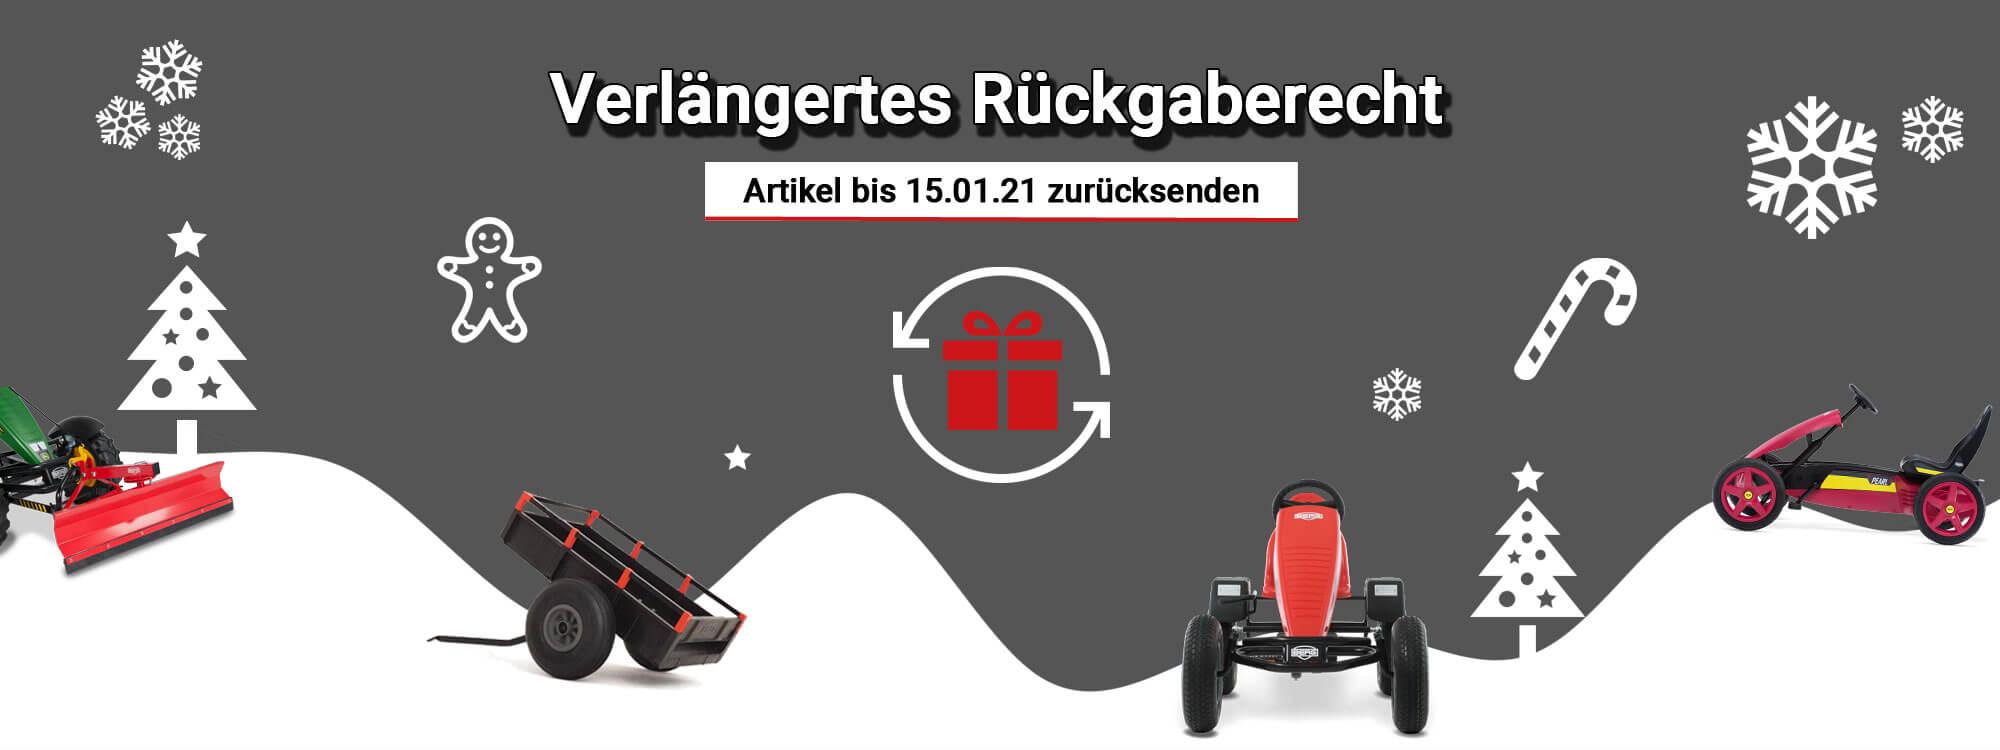 Verlängertes Rückgaberecht - Weihnachten - gokart-profi.de